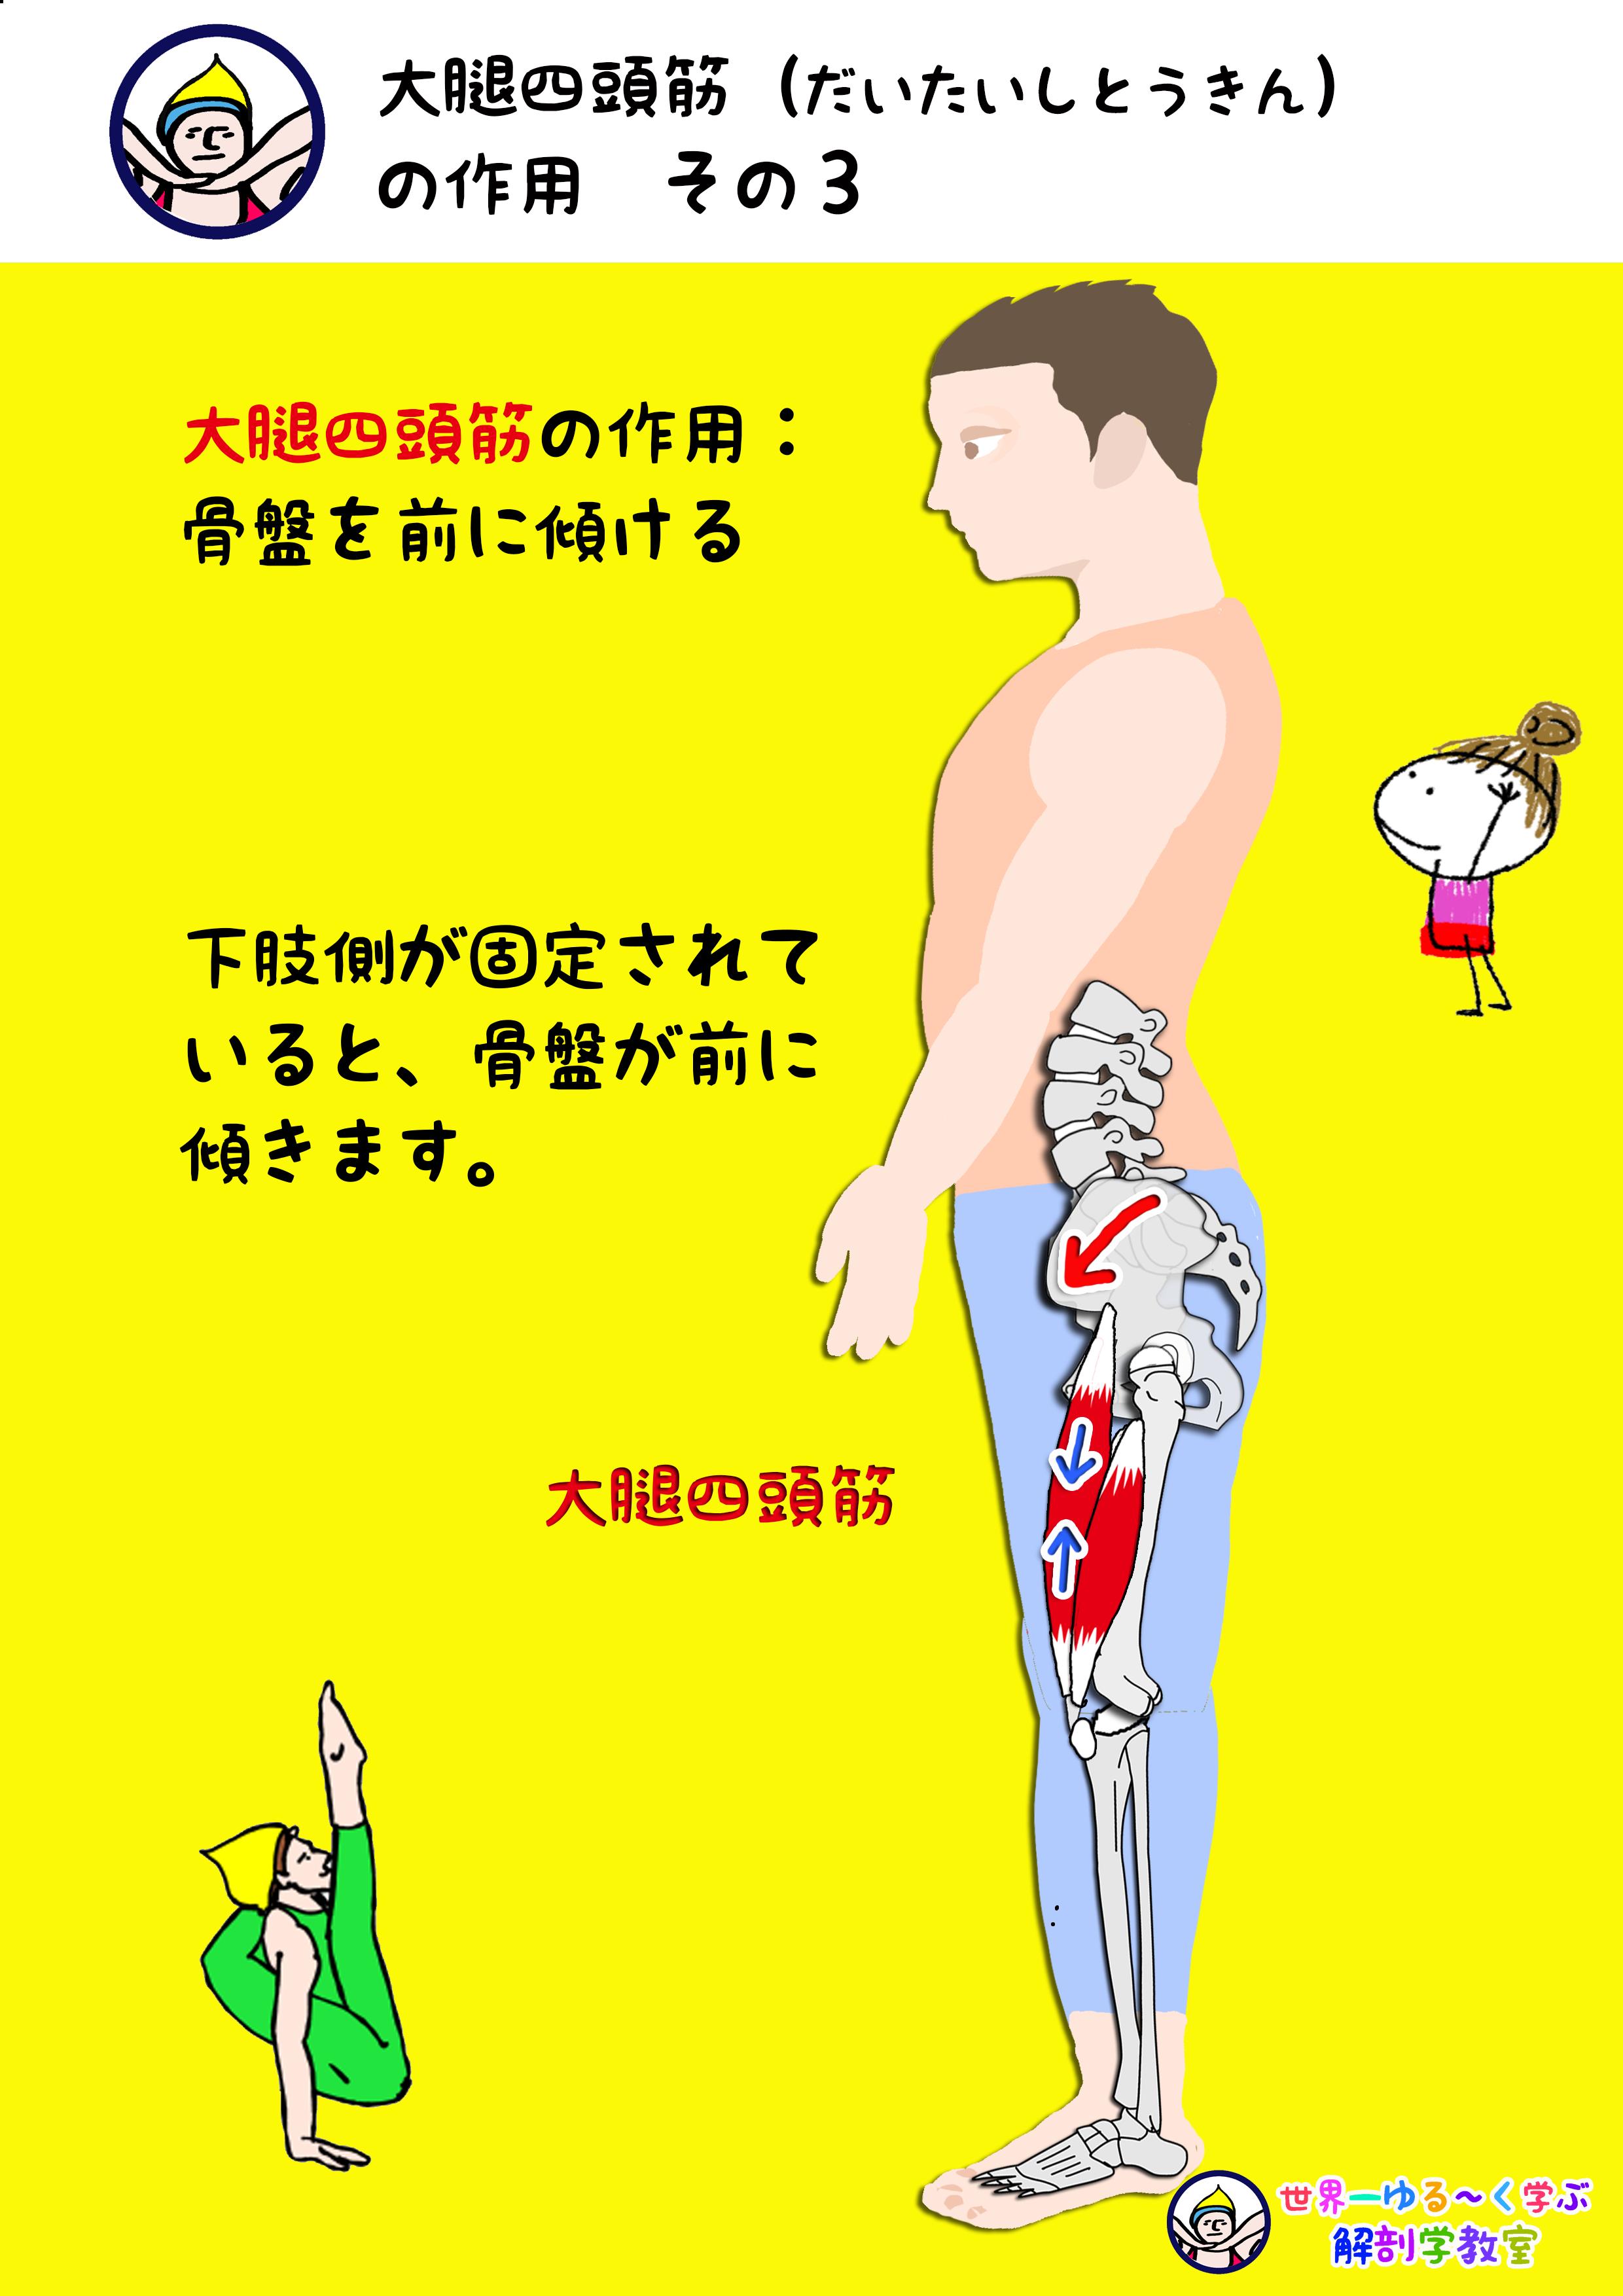 大腿四頭筋の作用 その3